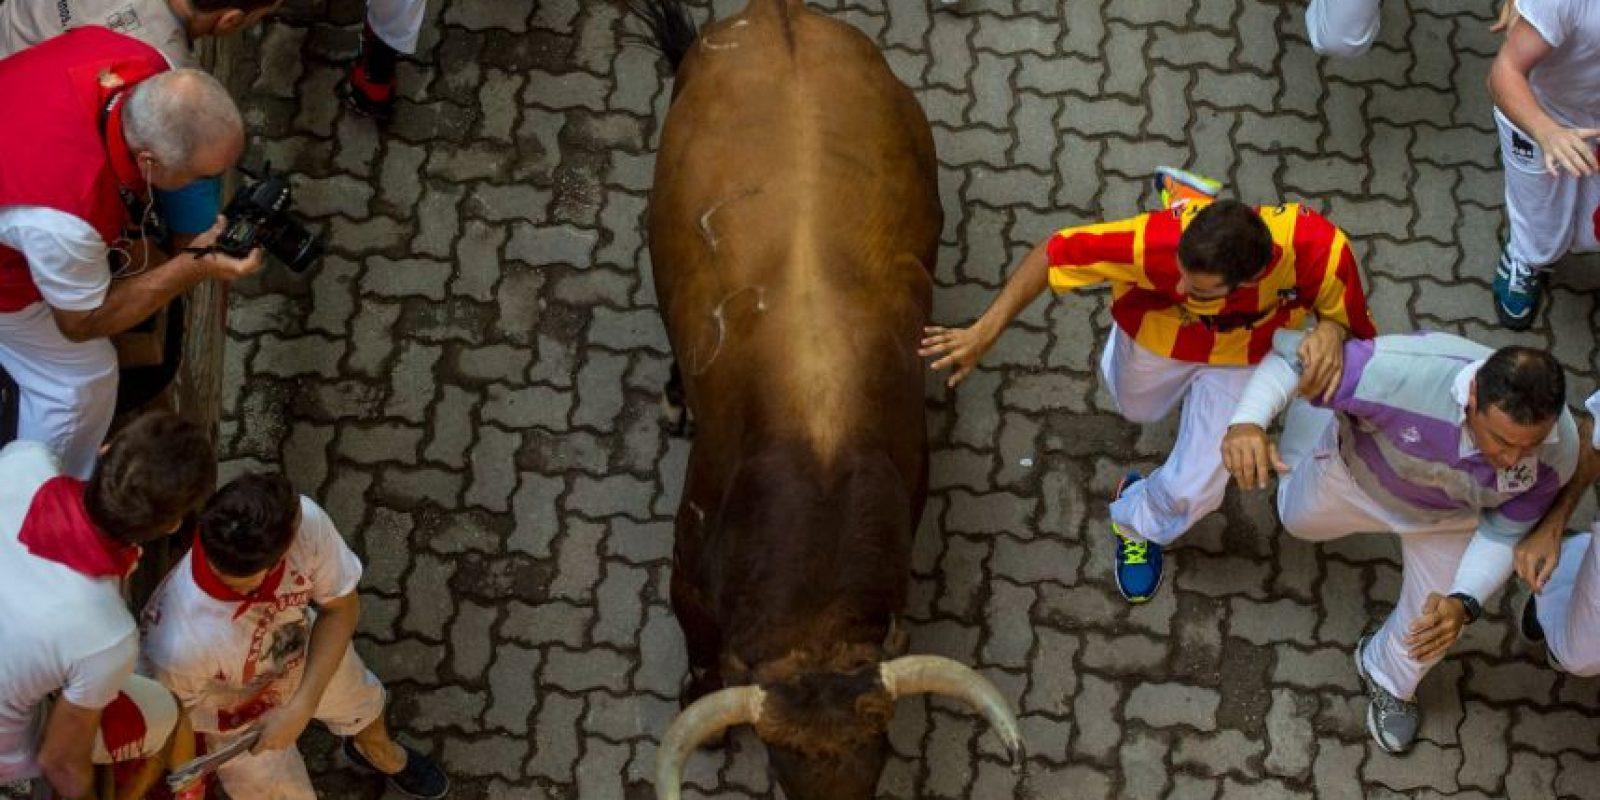 Las Fiestas de San Fermín, o sanfermines, es una celebración en honor a San Fermín de Amiens. Foto:Getty Images